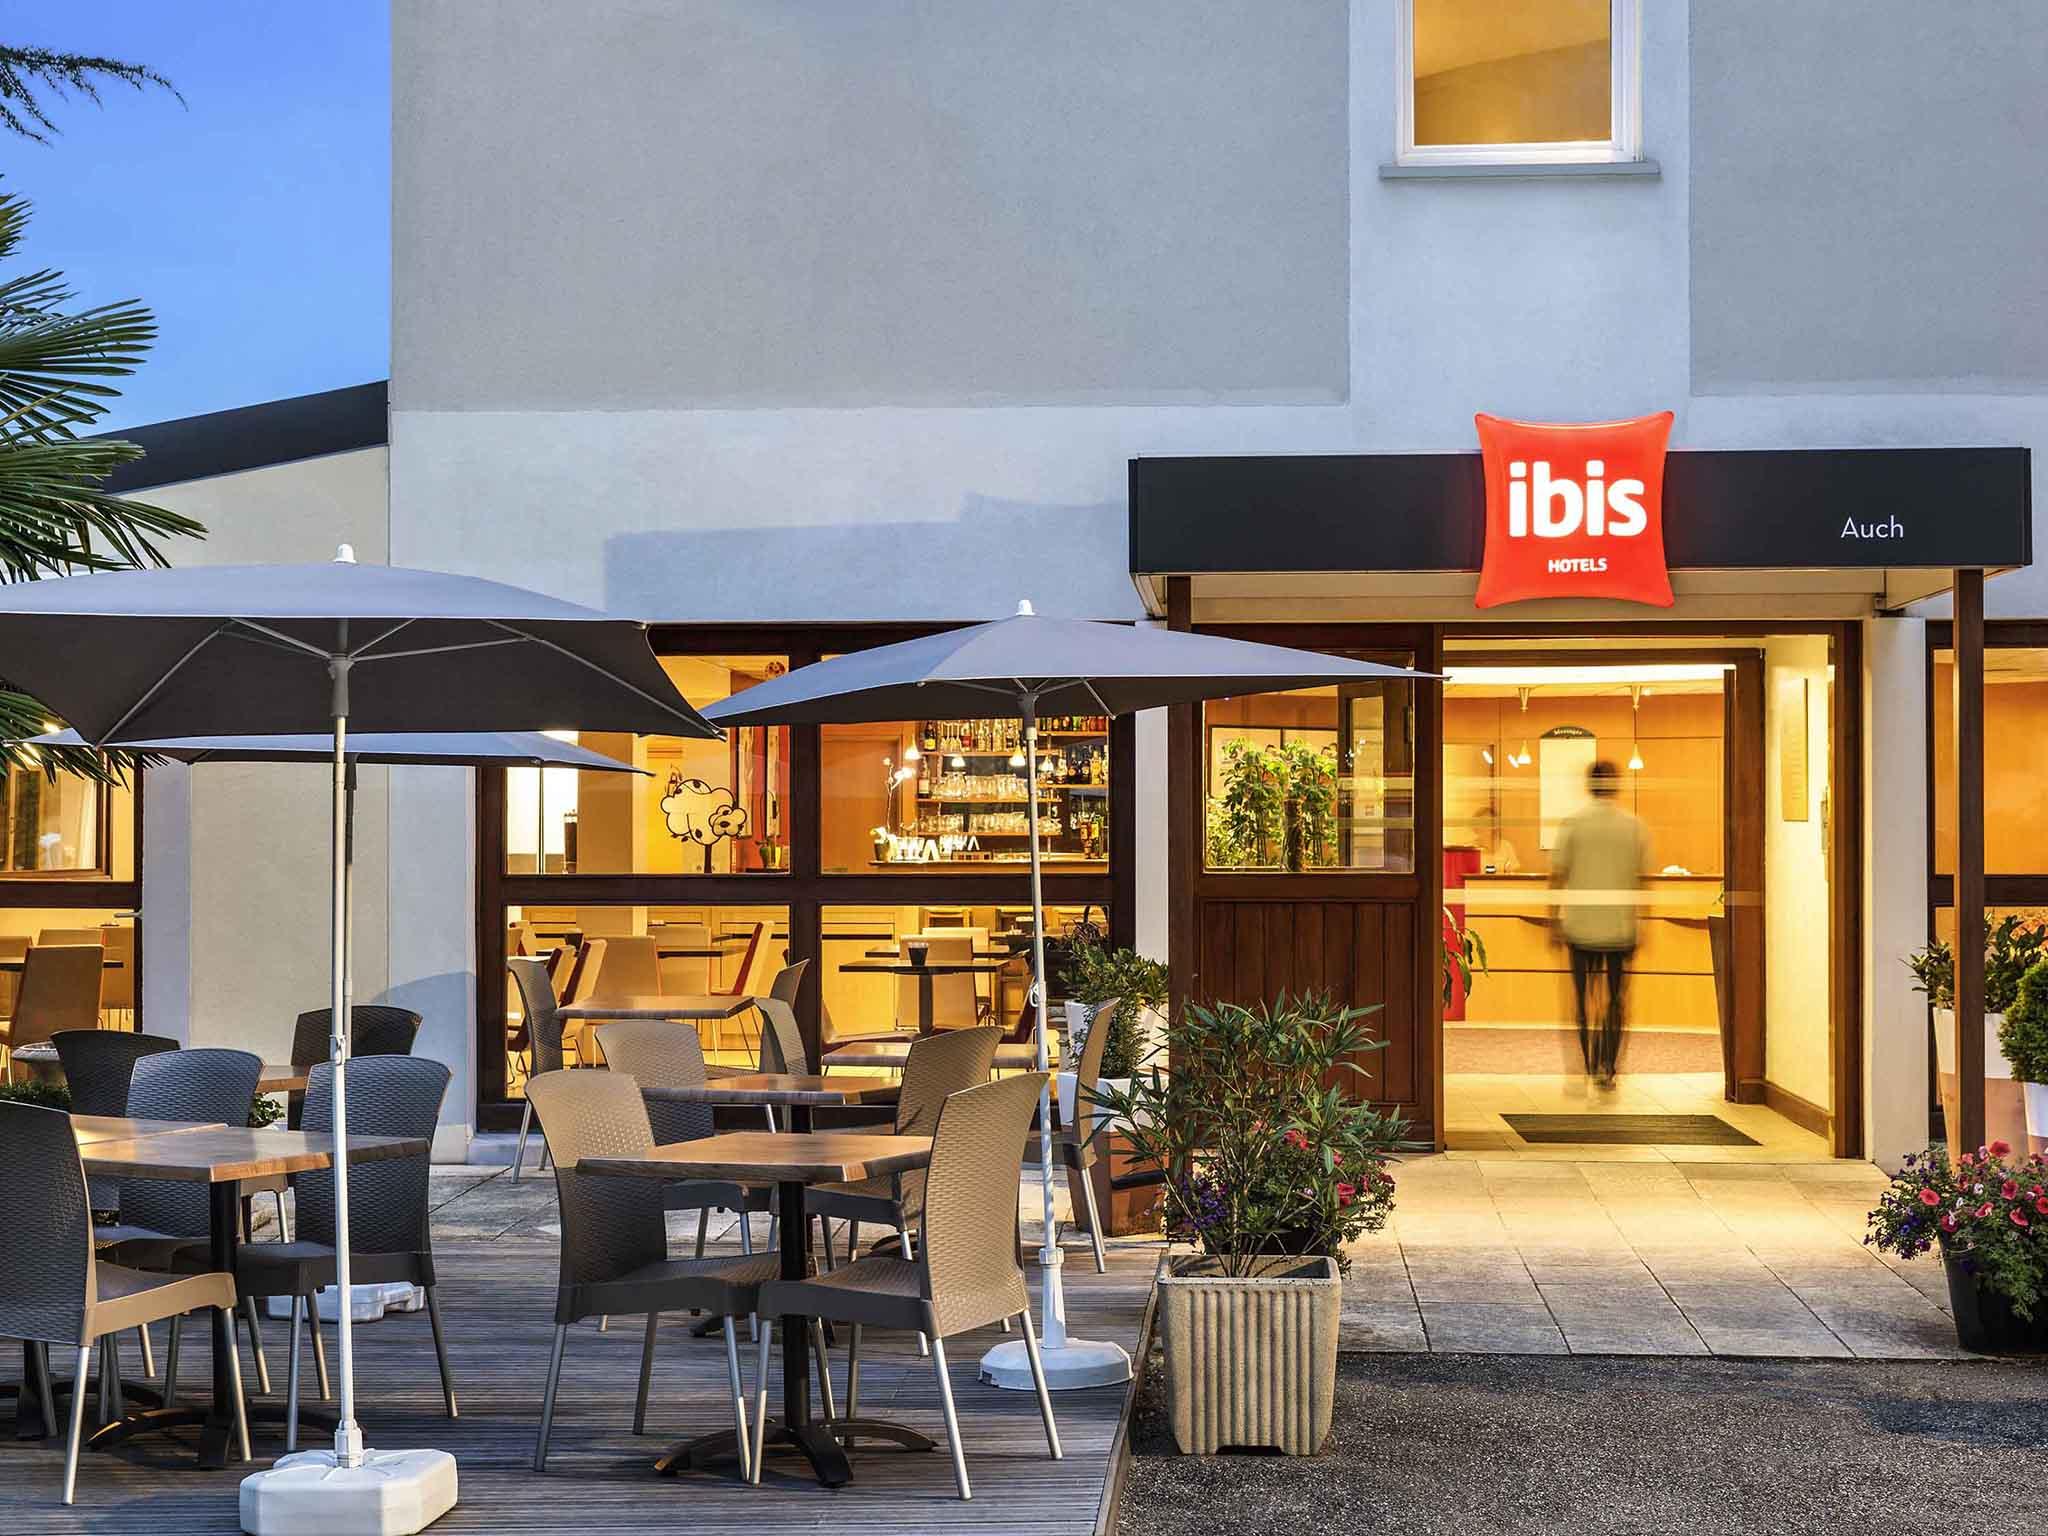 Hôtel - ibis Auch